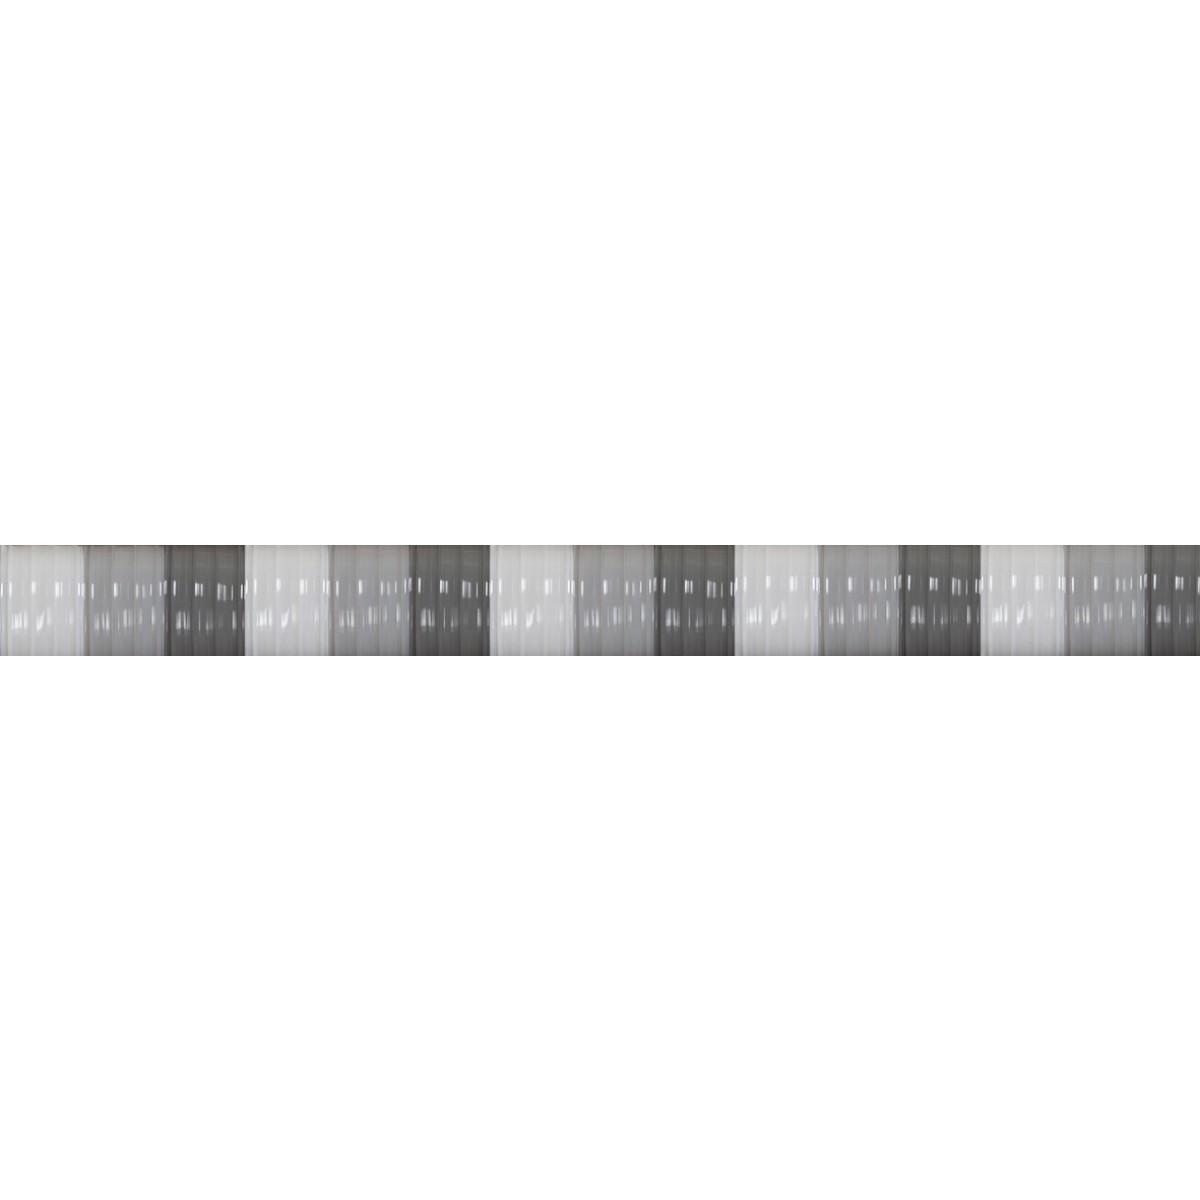 Rideau lanières Antilles gris et blanc Morel - Largeur 90 cm